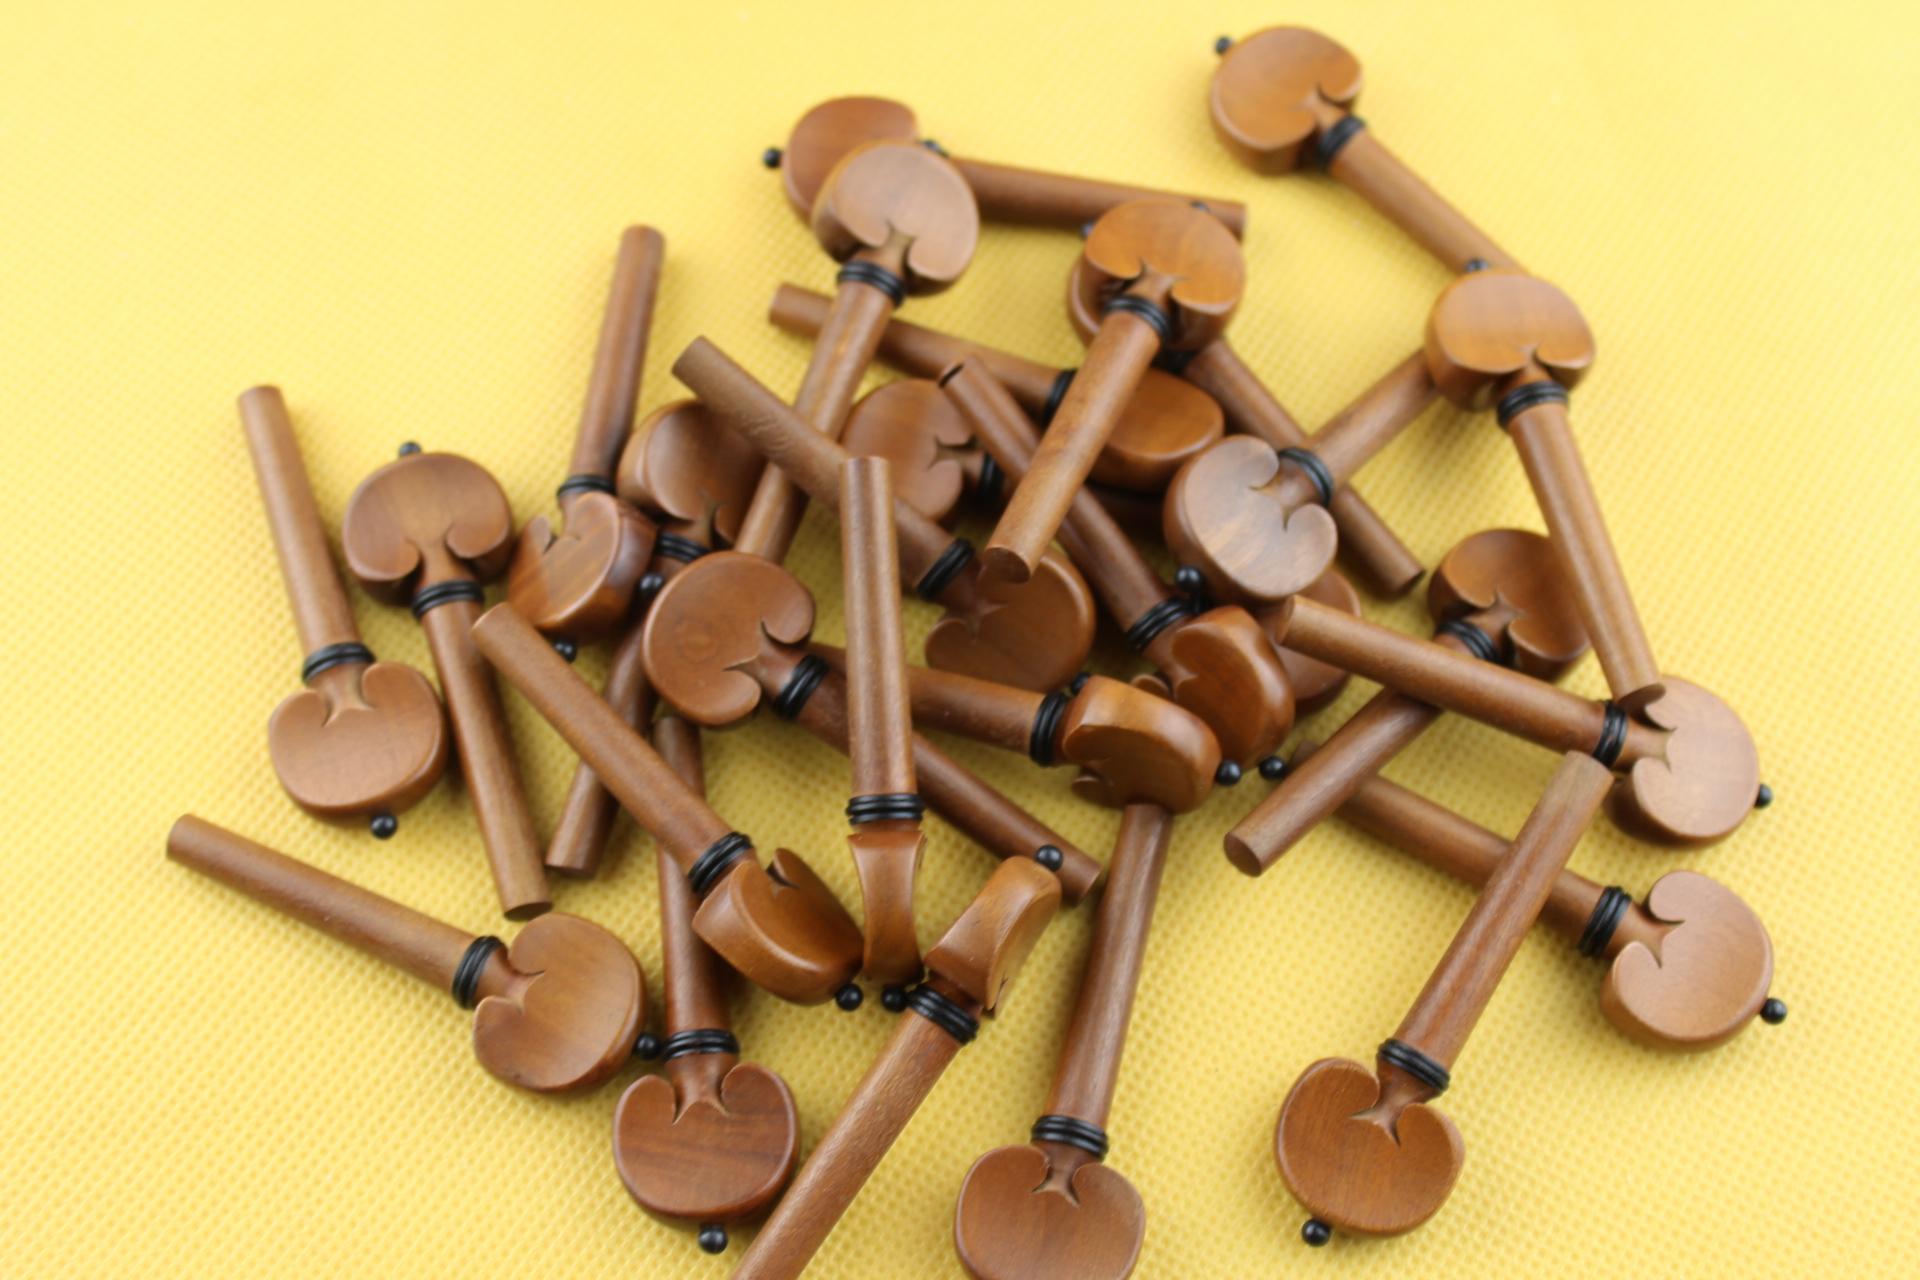 Скрипка гусли ось ручка скрипка монтаж 4/4 модель мармелад гусли ось 3 юаней